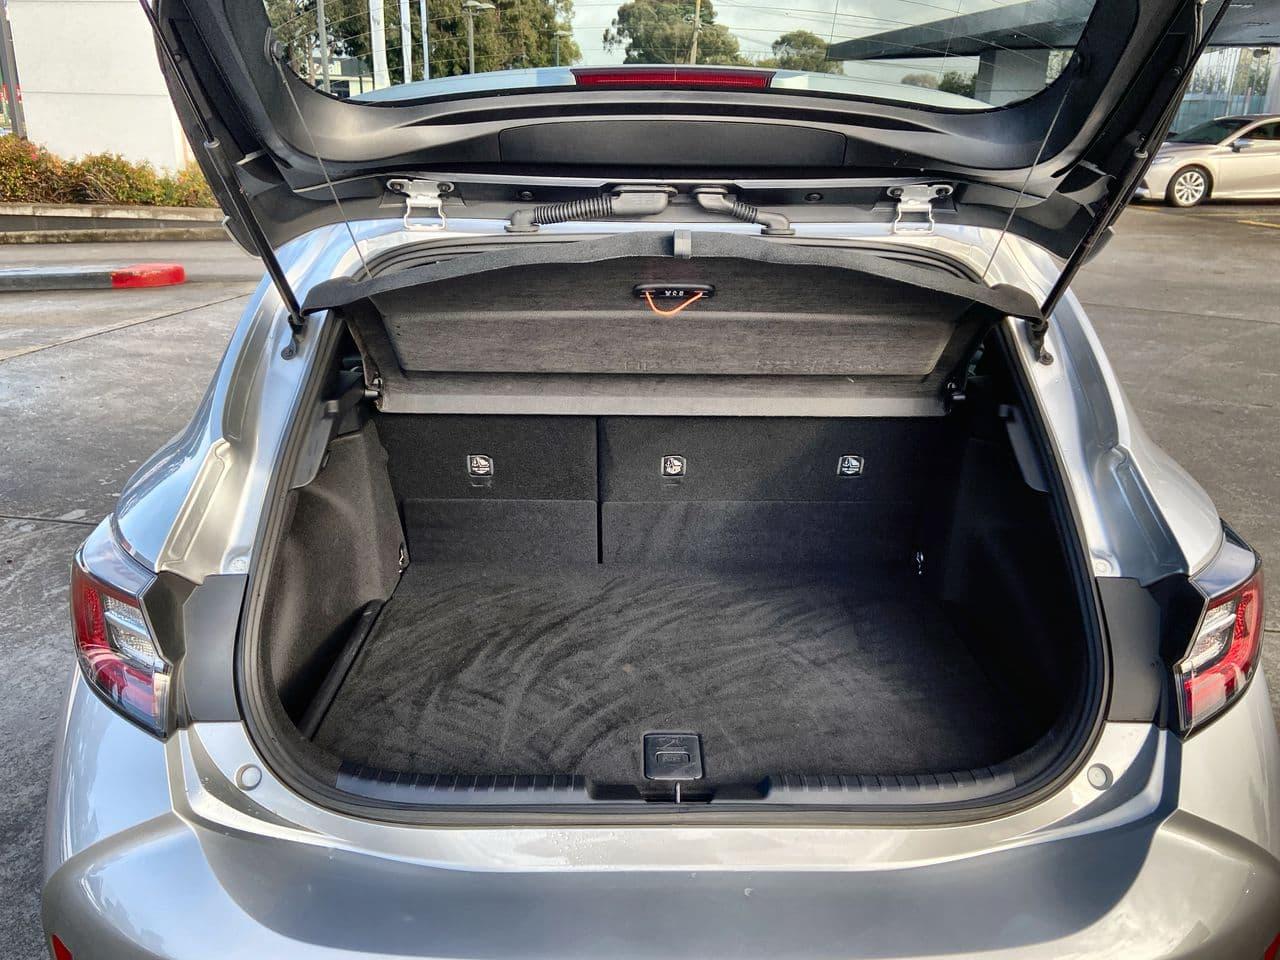 2018 Toyota Corolla SX Auto - image 8